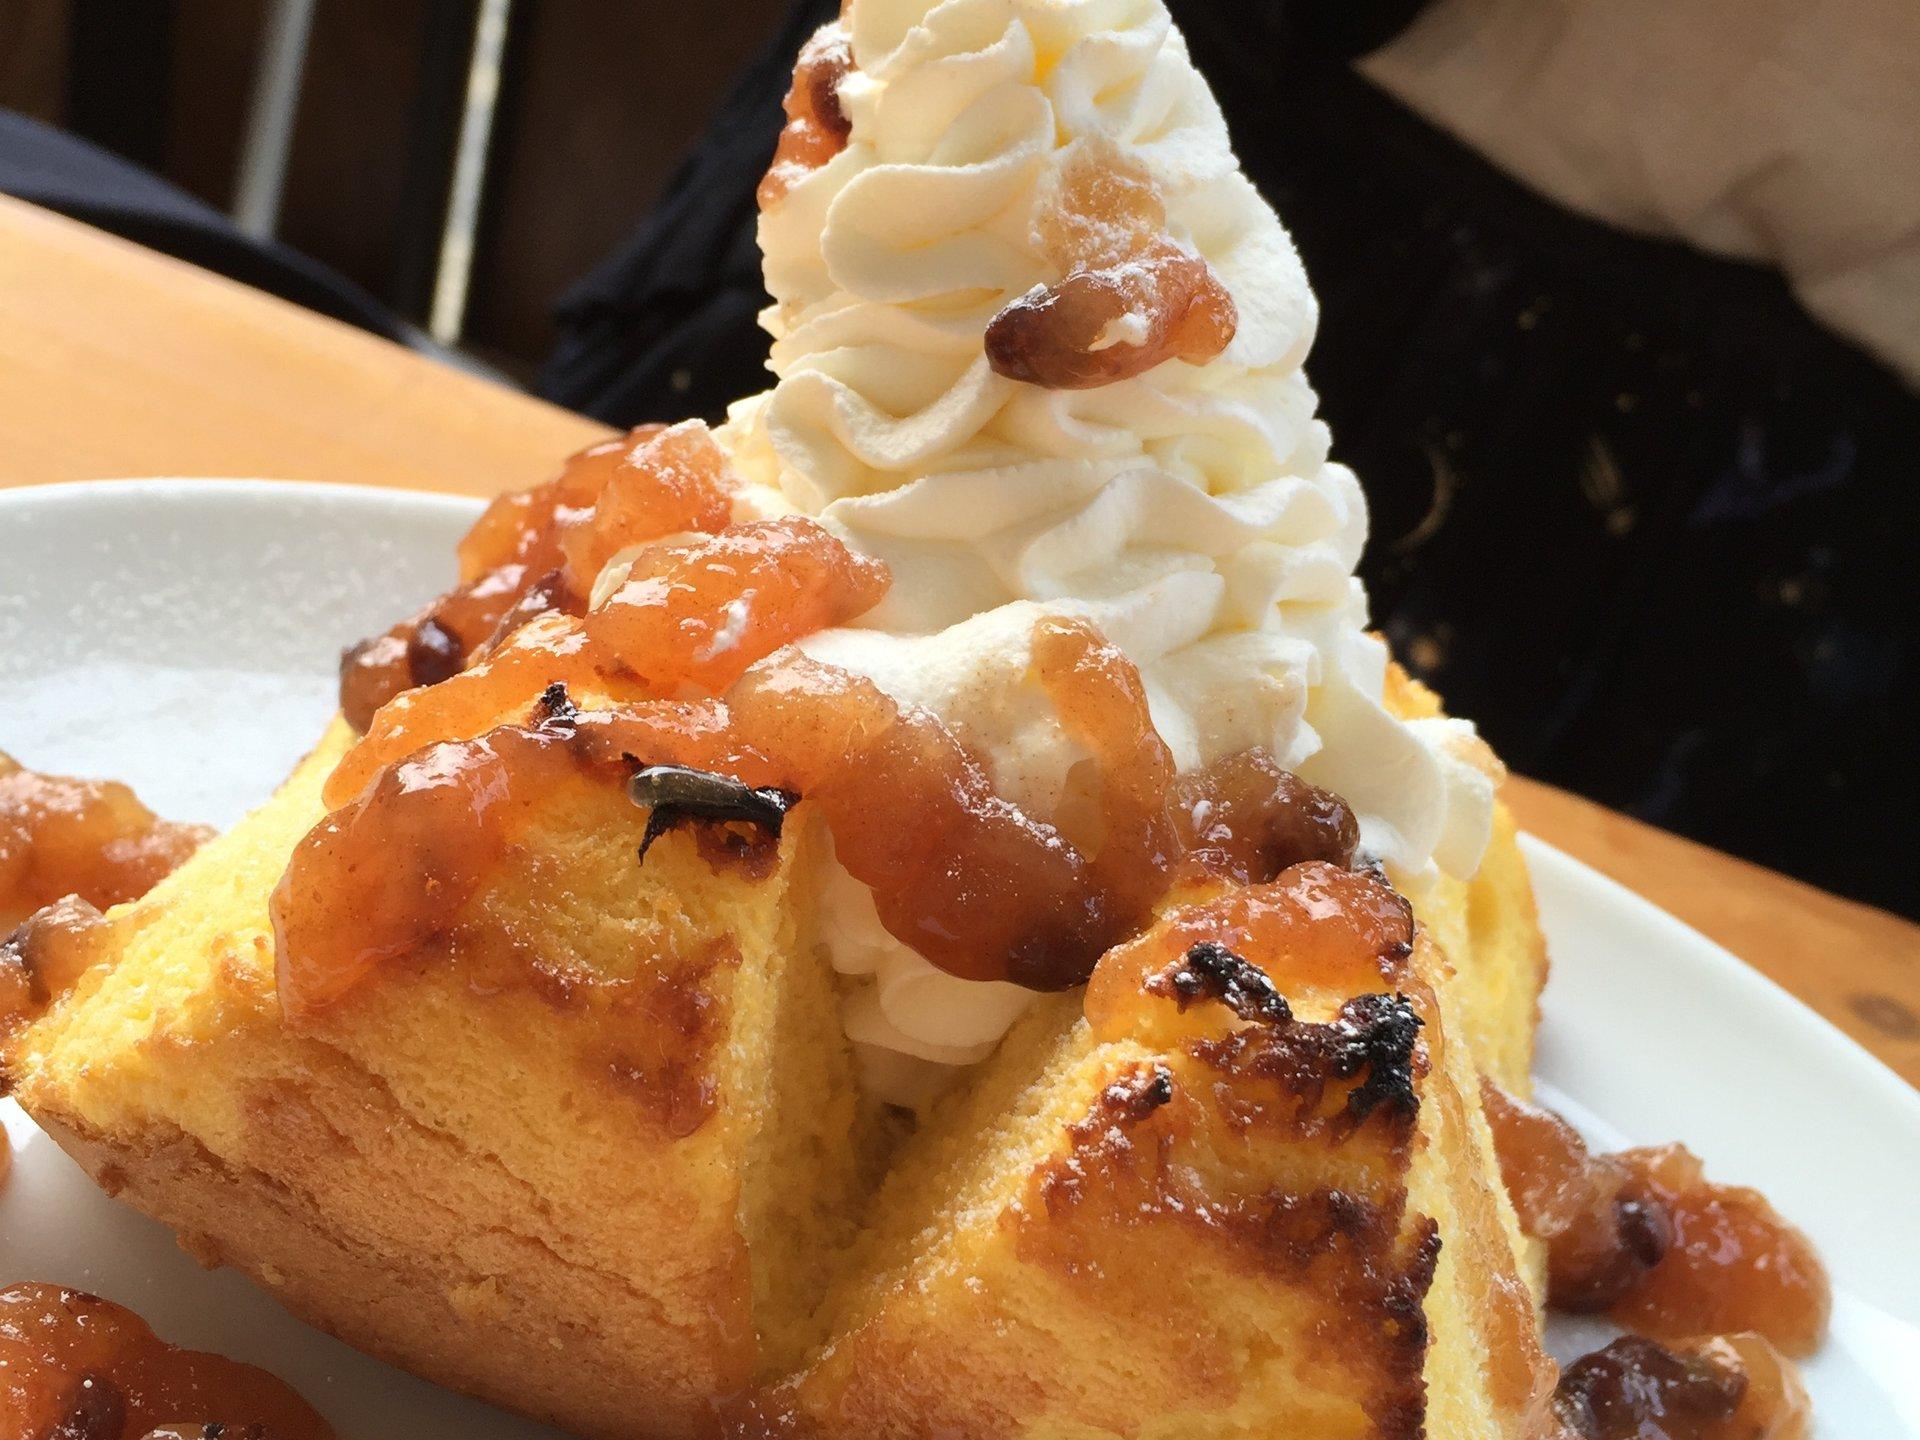 【渋谷/松濤カフェ】生クリーム大好きな人集まれ♪たっぷり生クリームとバターで焼いたシフォンケーキが◎